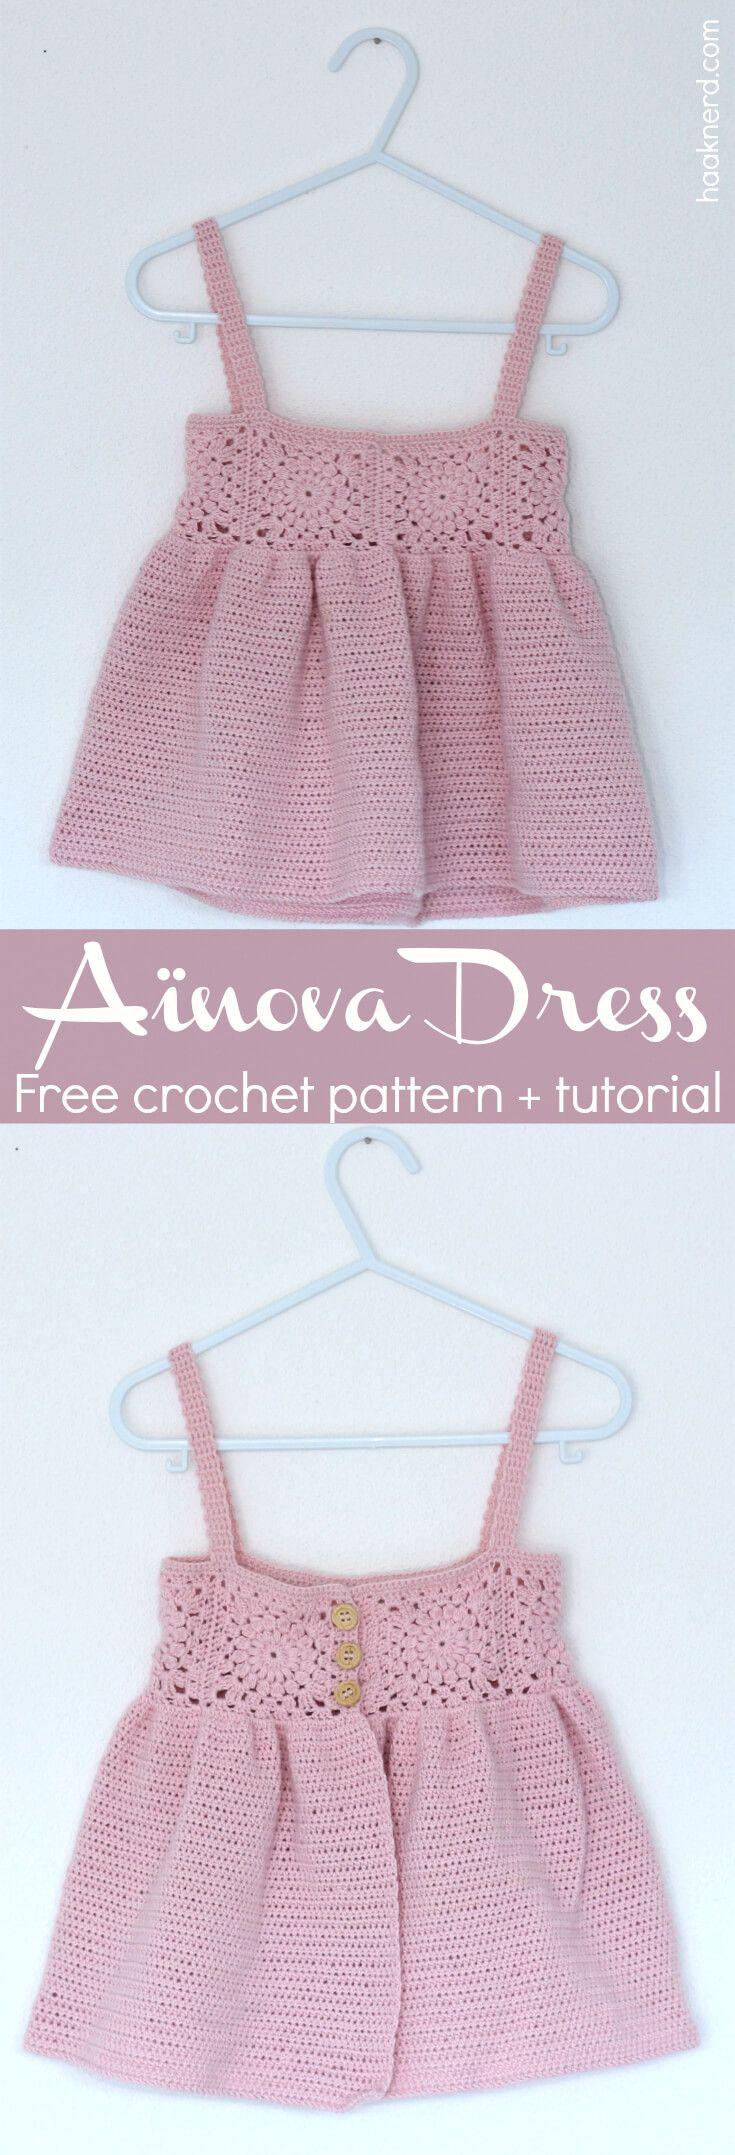 Aïnova Dress   Pinterest   Häckeln, Häkeln baby und Häkeln